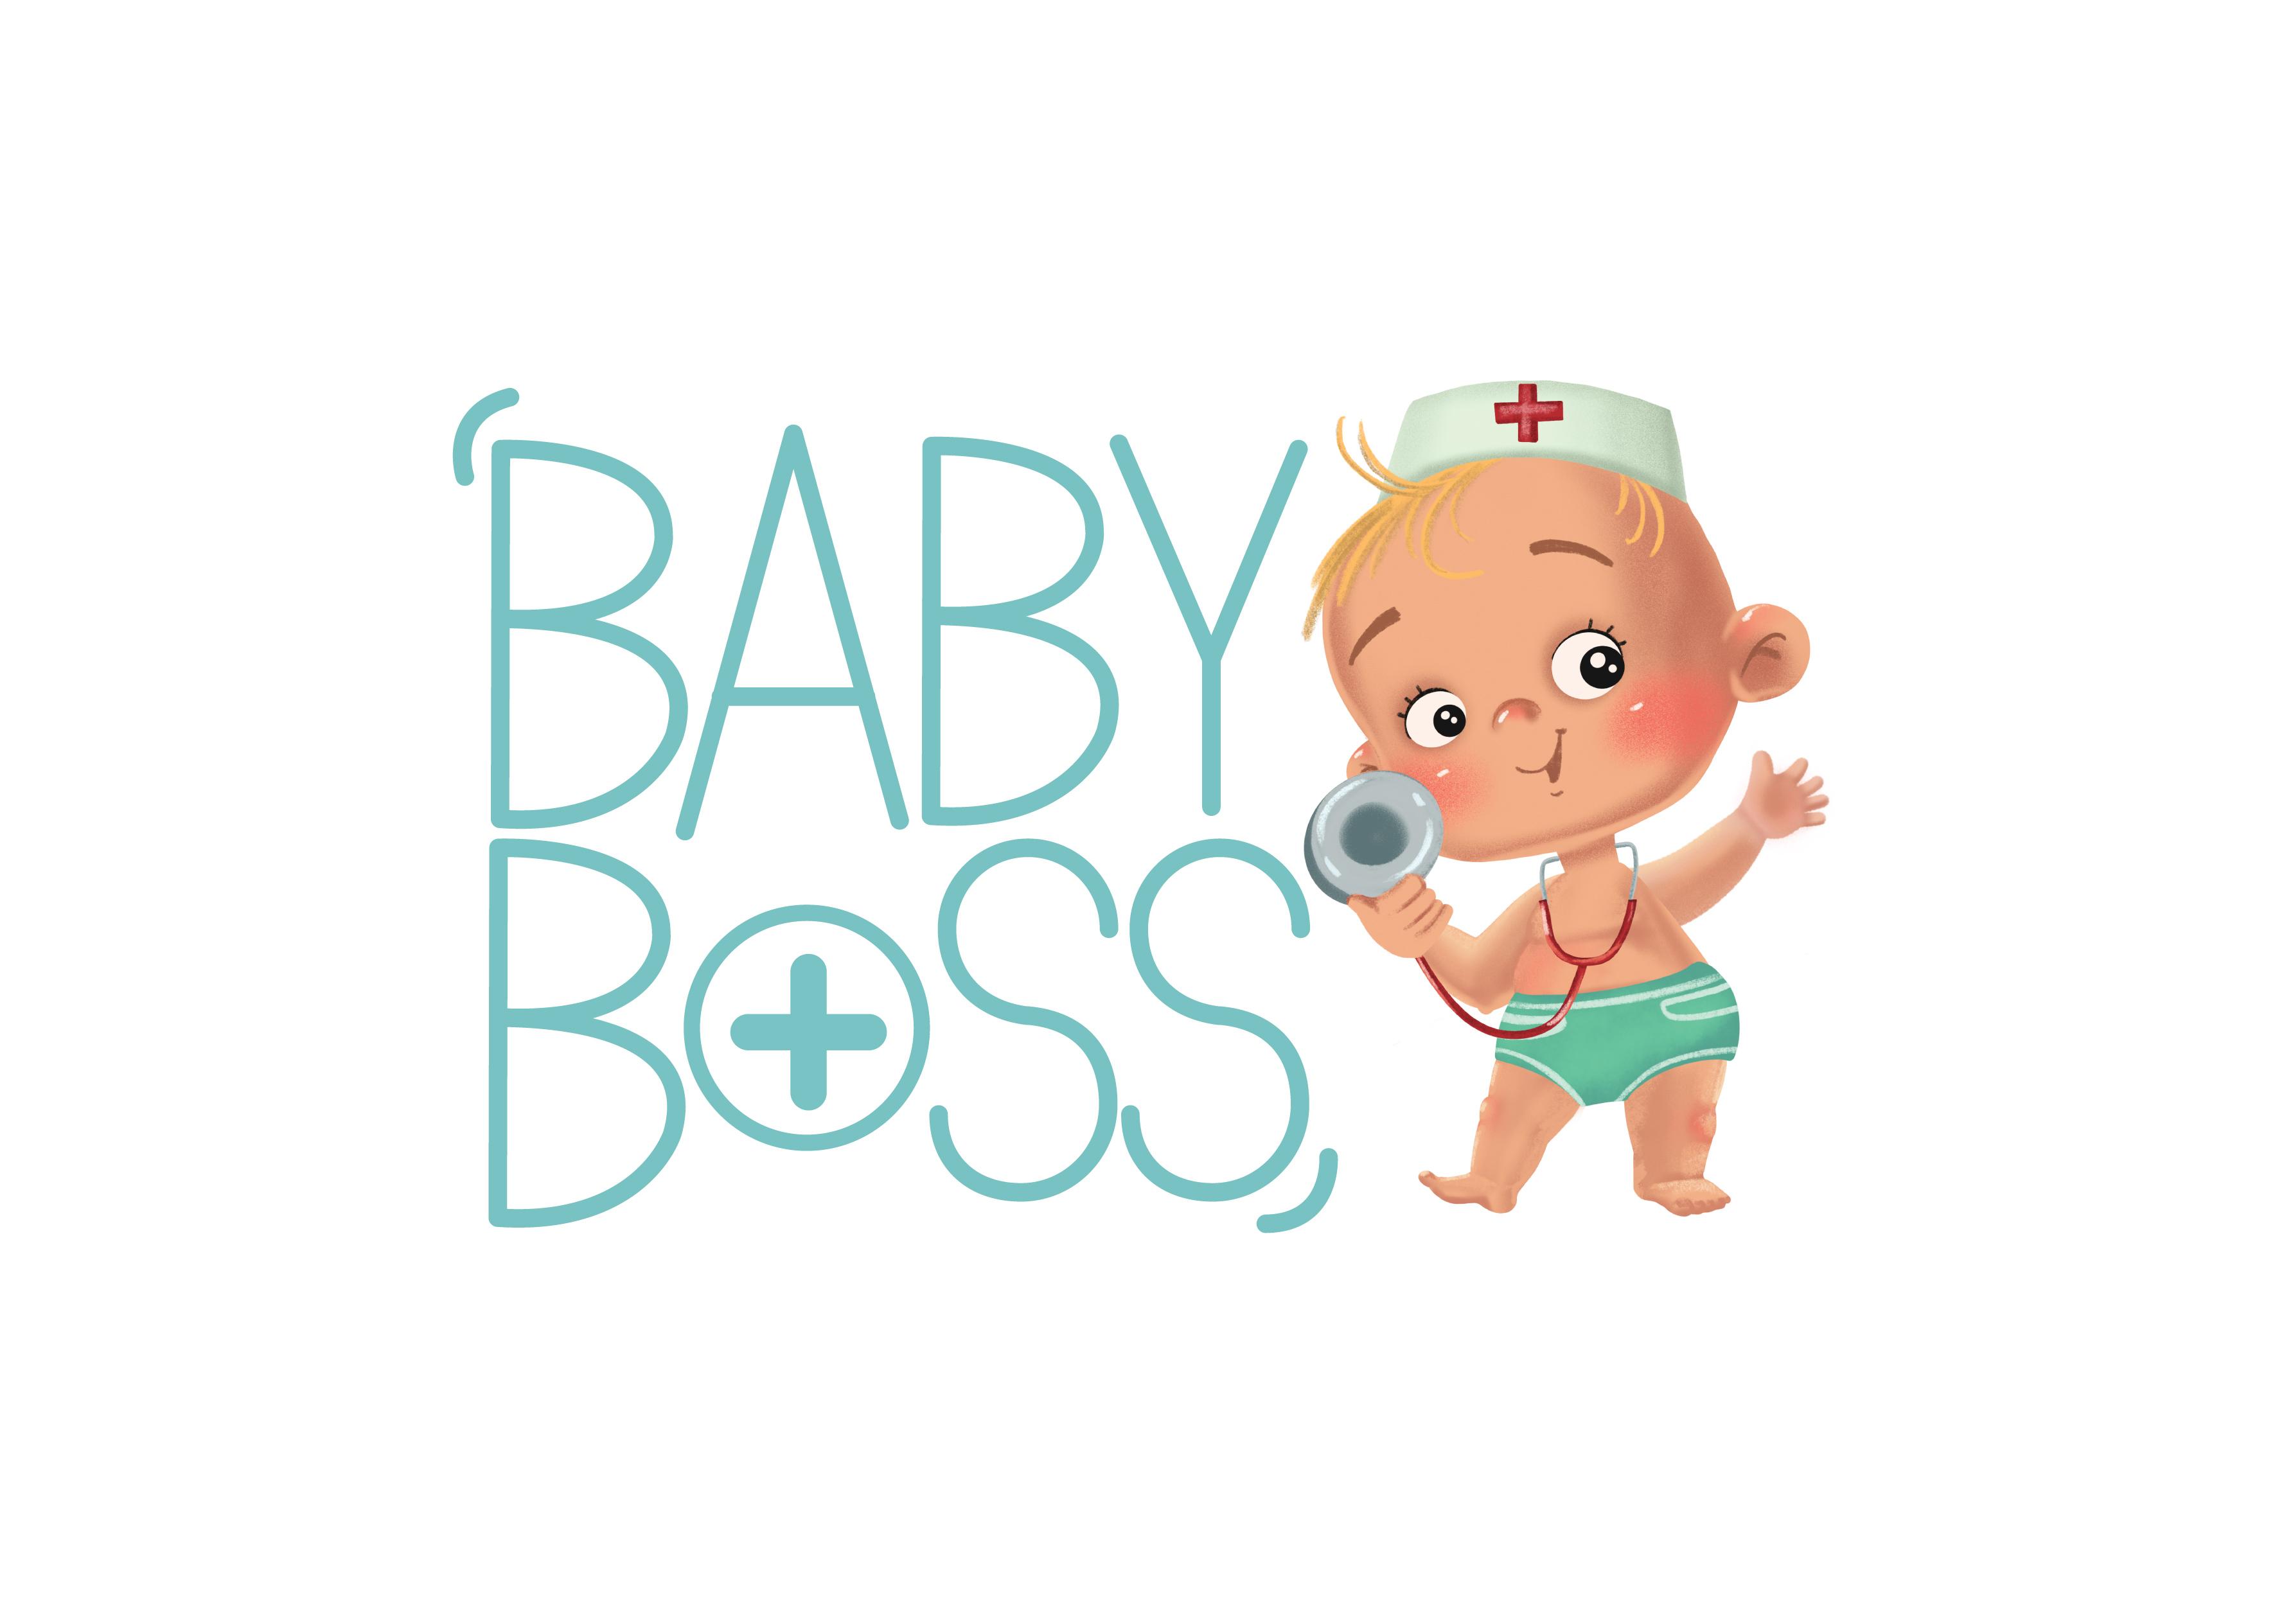 """Консультация по прикорму детей и грудному вскармливанию, вызов врача-педиатра на дом от 27,20 руб. в медицинском центре """"BabyBoss"""""""